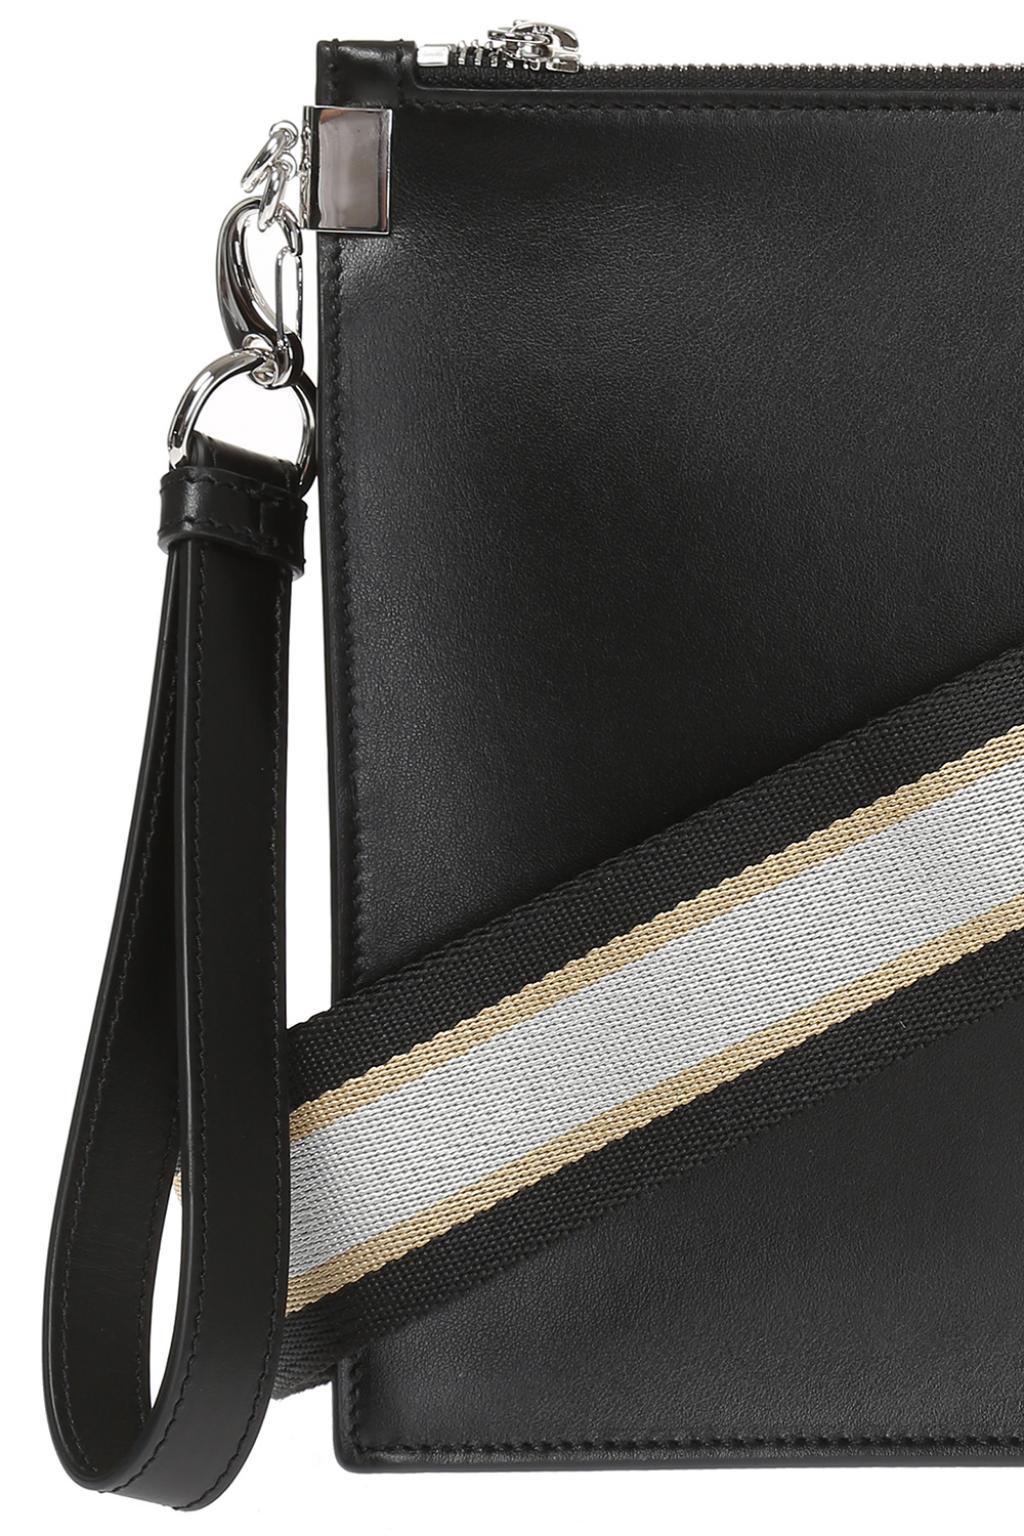 Versace - Black Medusa Head Shoulder Bag - Lyst. View fullscreen dad9265188